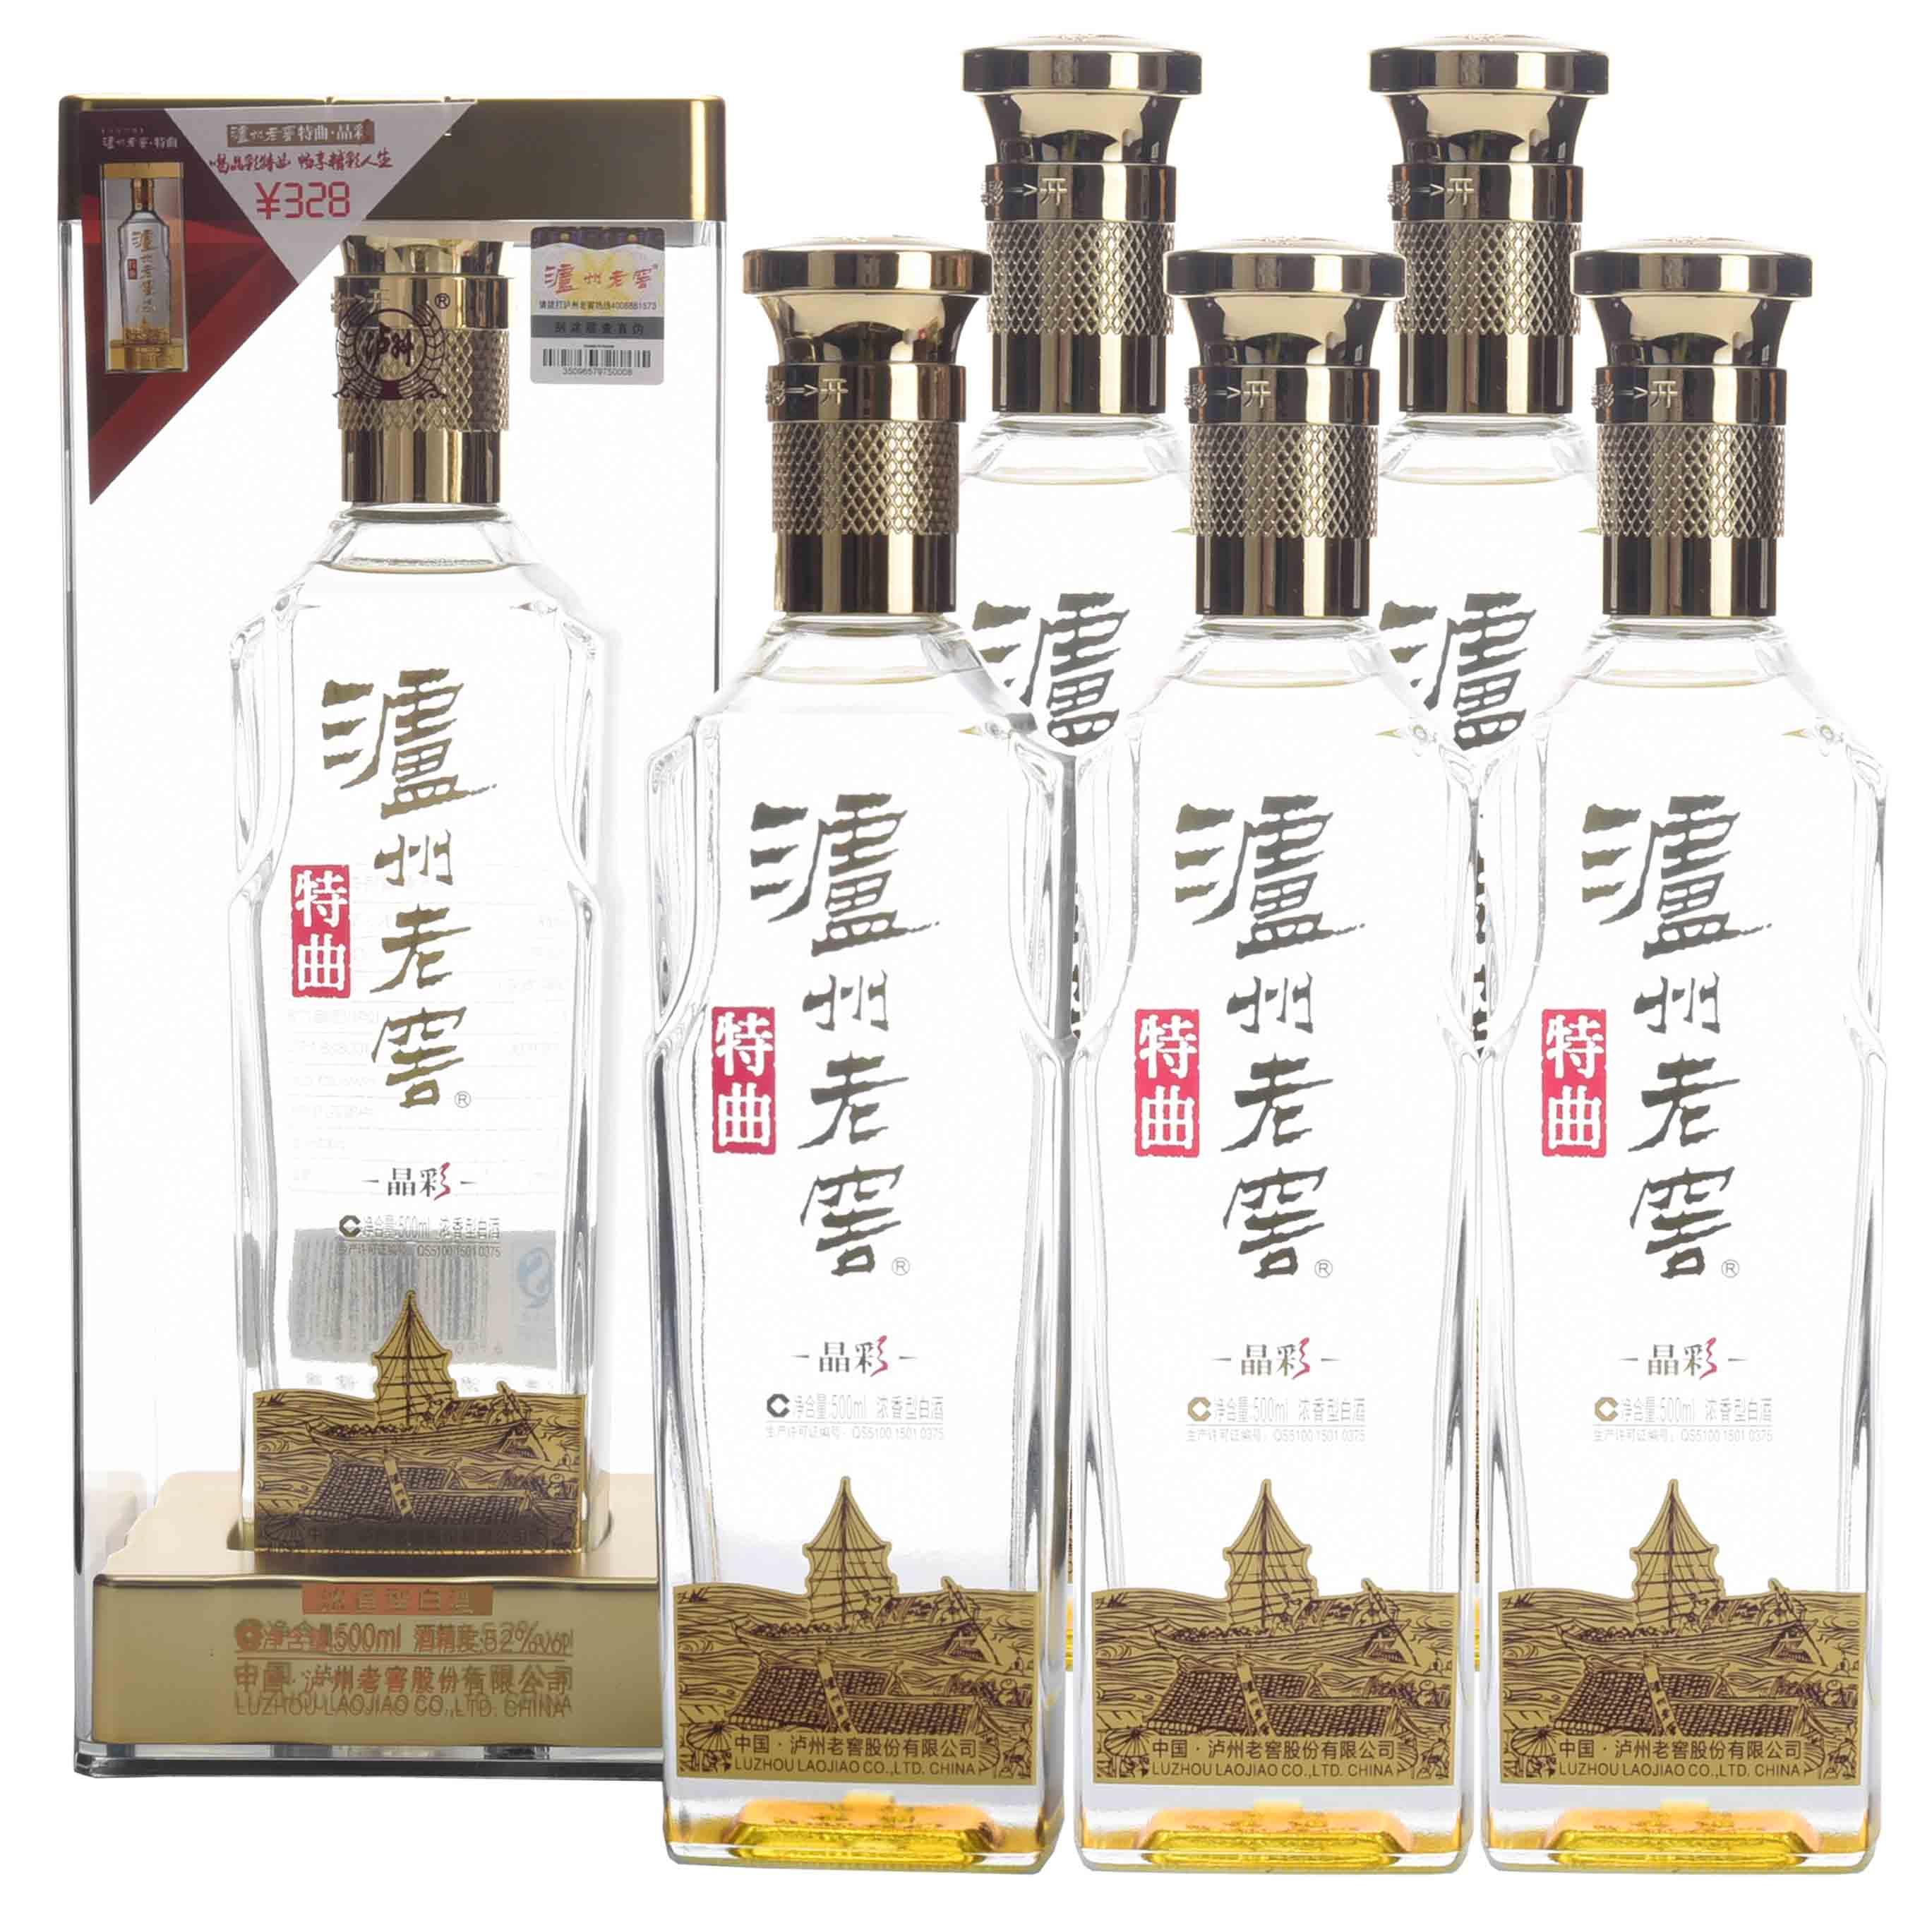 52°泸州老窖特曲晶彩500ml(2016年-2017年)1箱6瓶